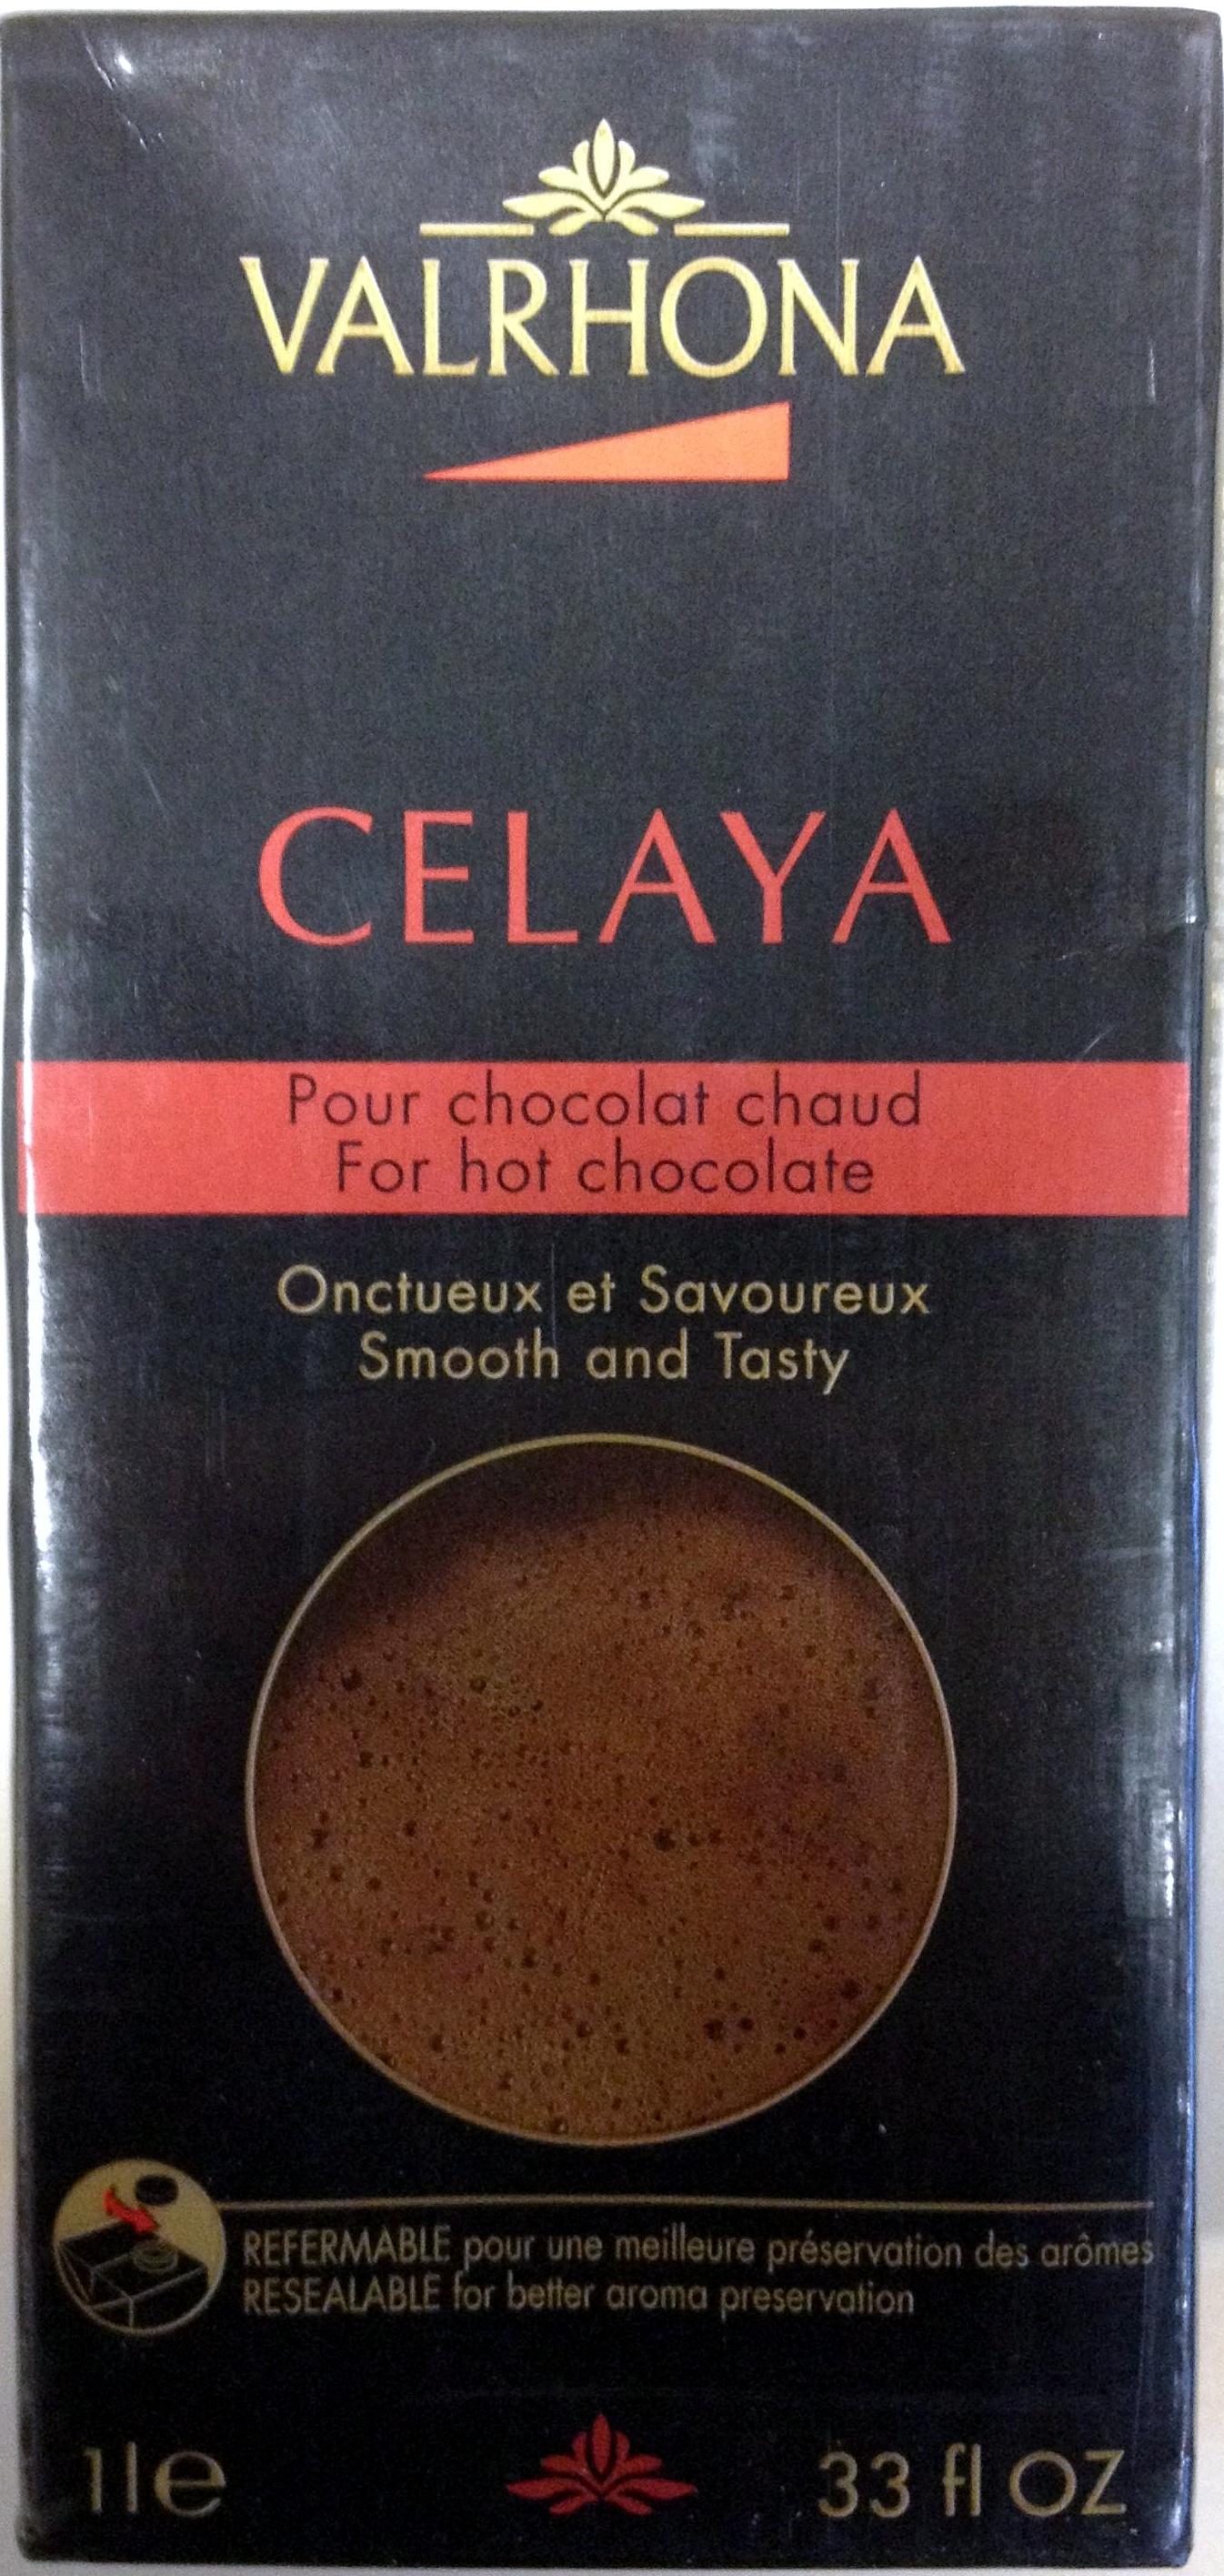 Celaya - Produit